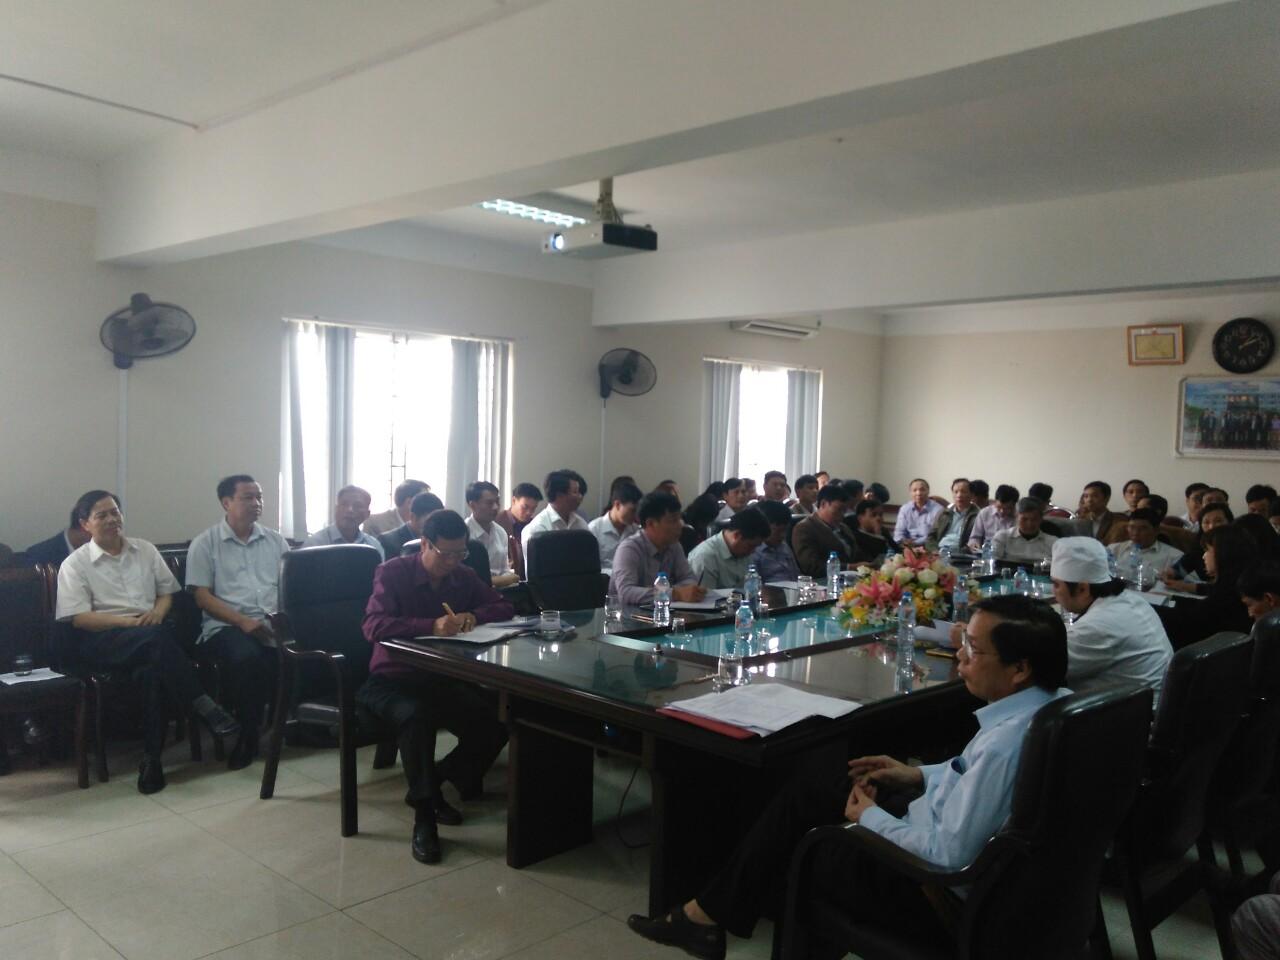 Trung tâm y tế huyện Cẩm Khê tổ chức Hội nghị tổng kết công tác y tế xã, thị trấn năm 2017; triển khai phương hướng, nhiệm vụ, chỉ tiêu kế hoạch năm 2018